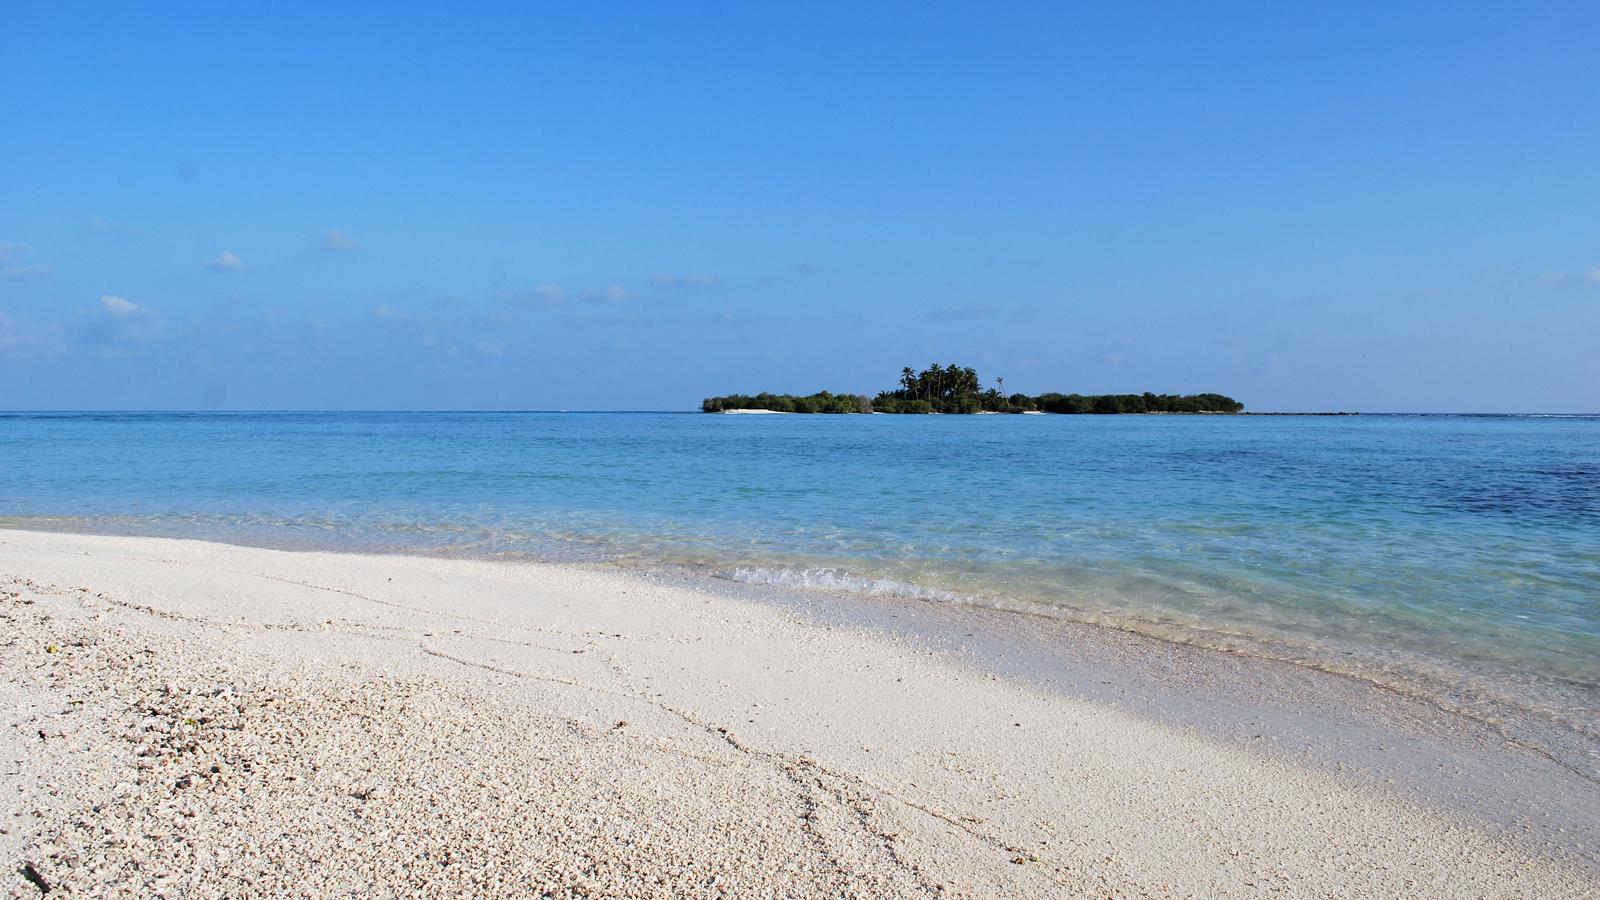 Honeymoon Segeltour im Norden des Malediven Archipels Segelkreuzfahrt Segeltörn traveljunkies